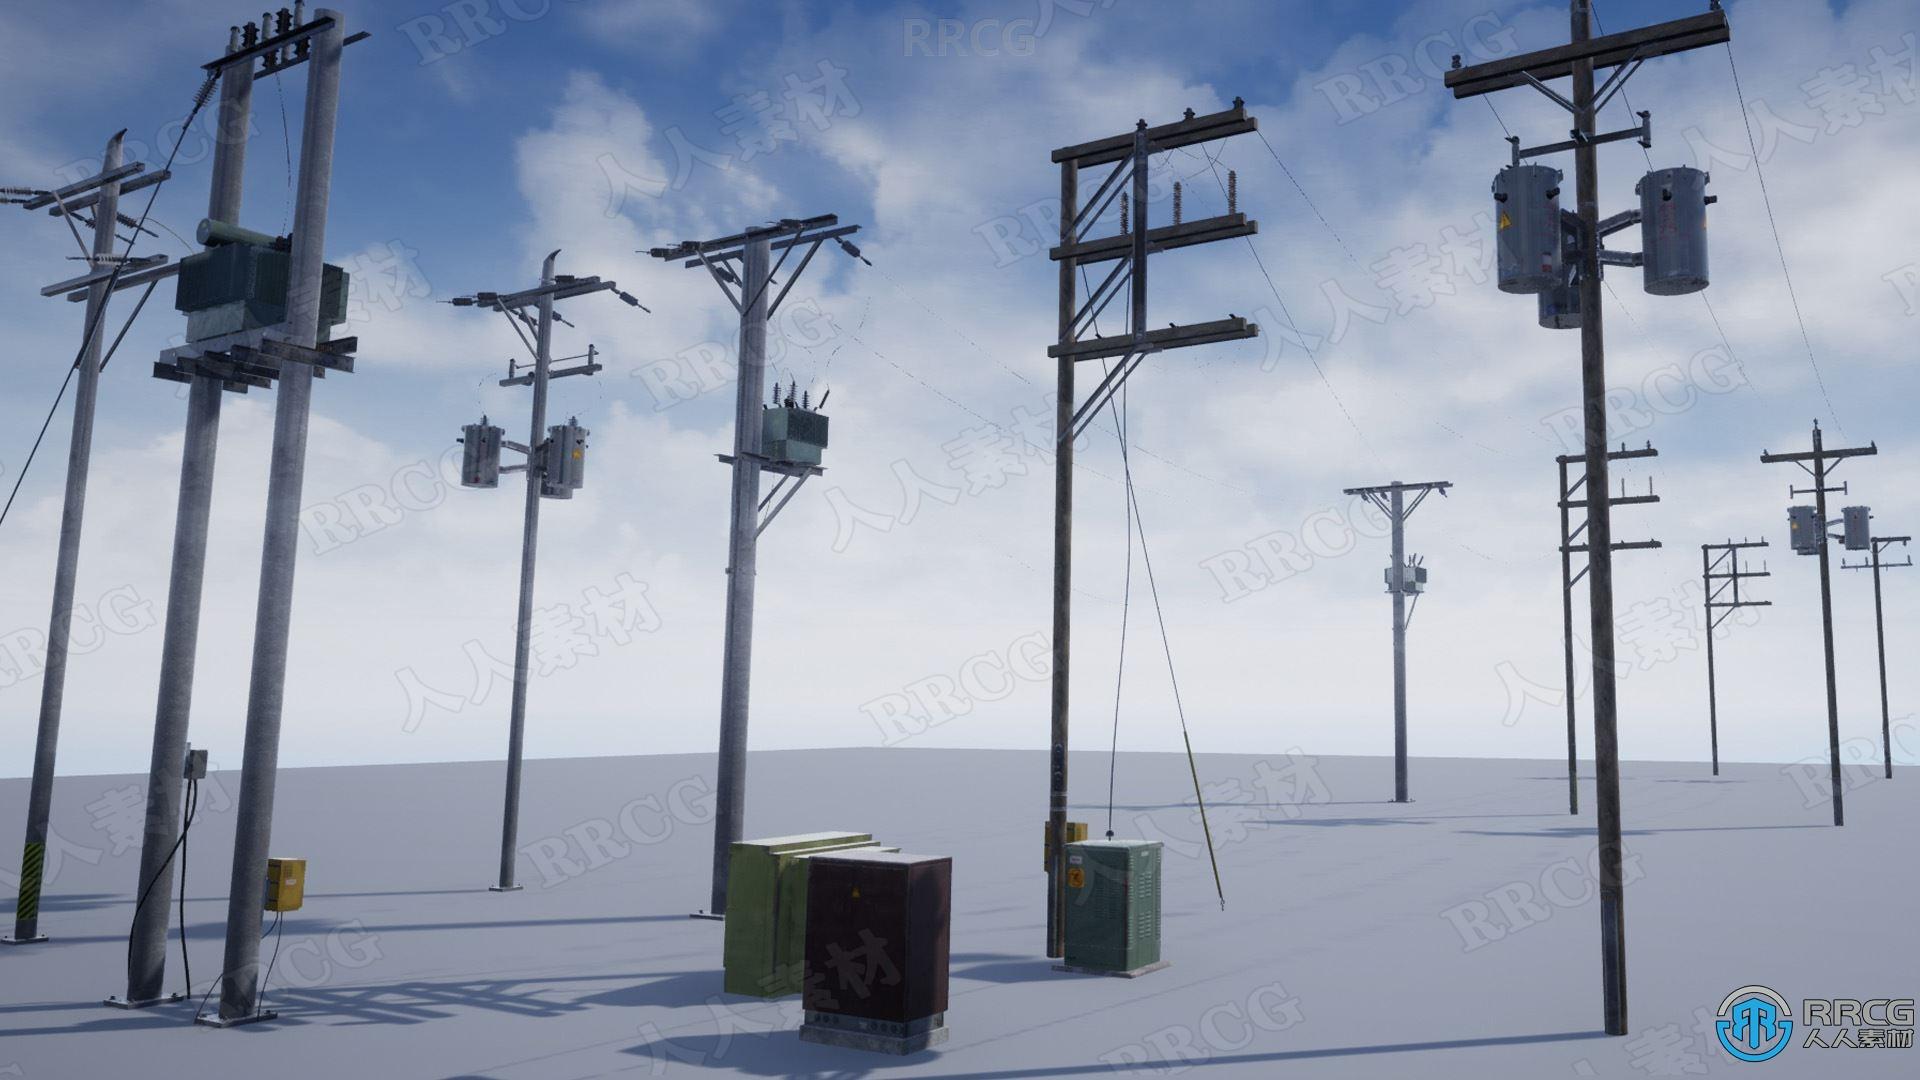 7组动态电源电线杆Unreal Engine游戏素材资源